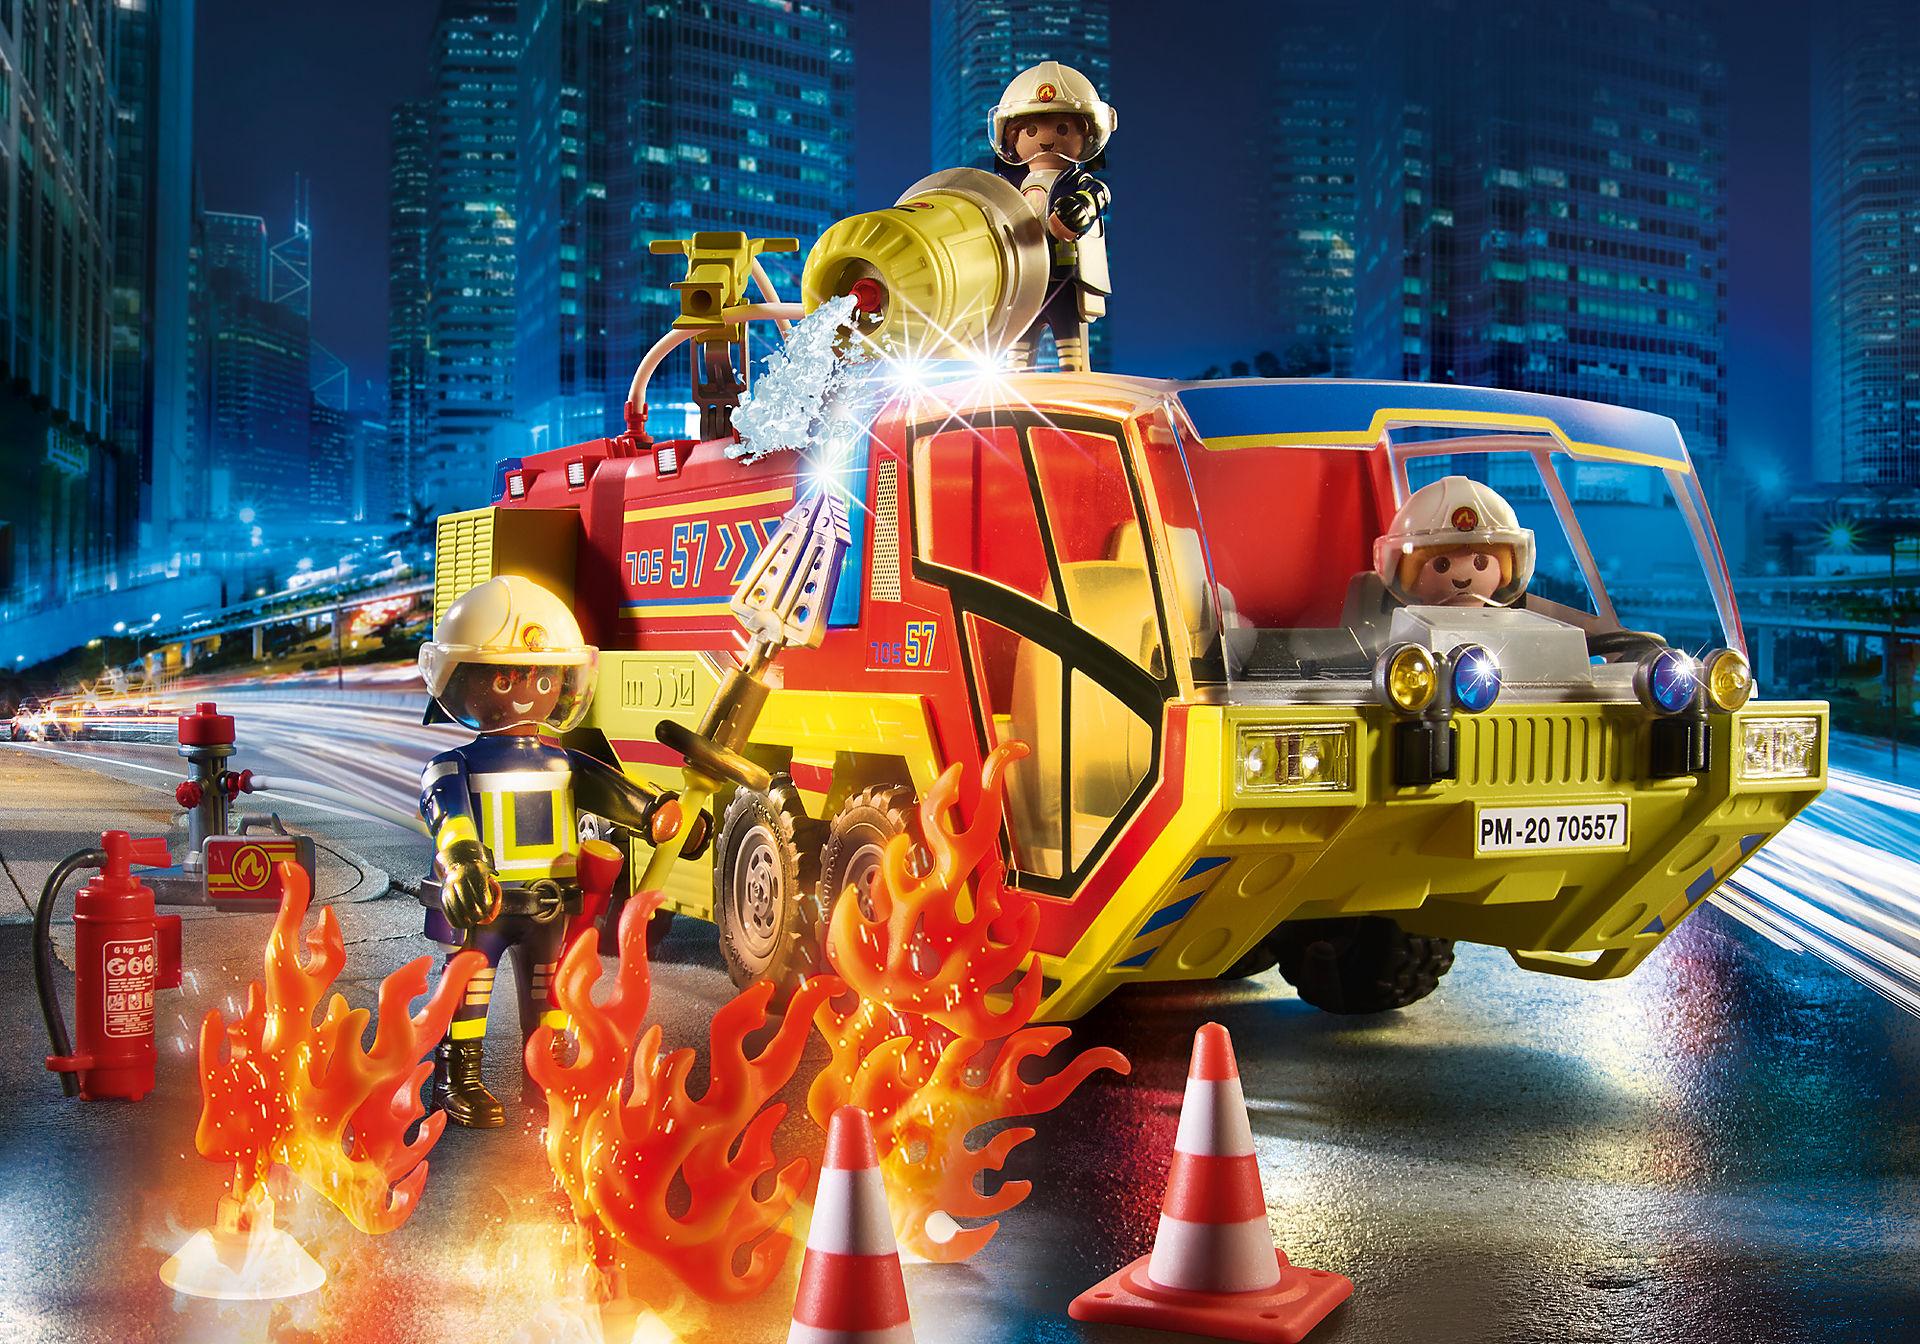 70557 Operação de Resgate com Camião dos Bombeiros zoom image5